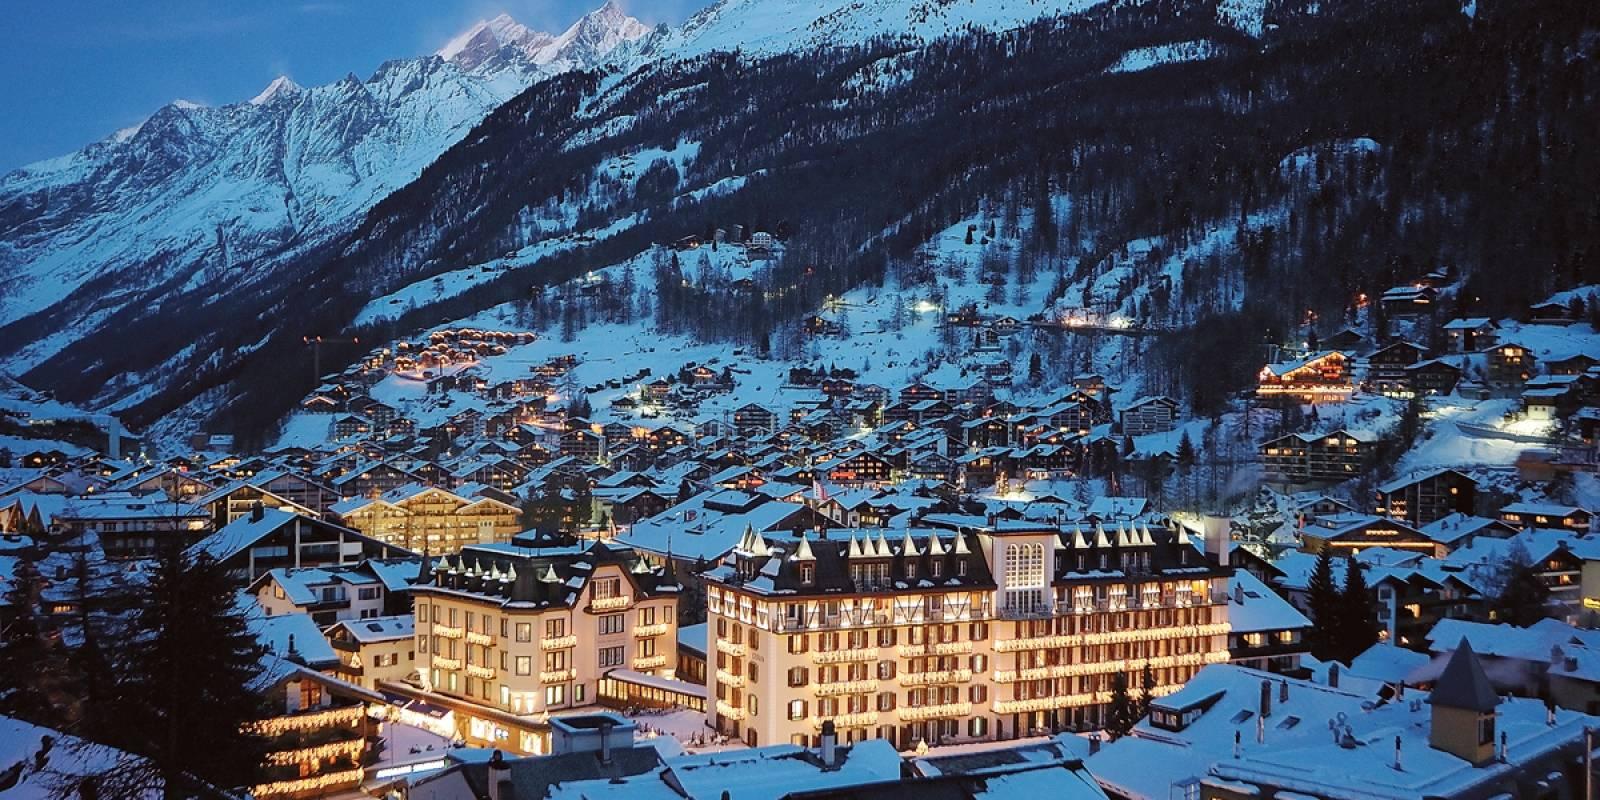 Zermatt, Suíça. Considerada a melhor cidade para esquiar da Suíça, pelas suas paisagens lindas e maravilhosas. Zermatt é, provavelmente, o lugar mais conhecido para esquiar e praticar alpinismo, oferecendo zonas de esquis interconectadas, todas facilmente acessíveis diretamente da cidade. Mas toda essa beleza tem seu preço: a acomodação por lá é uma das mais caras do país | Divulgação